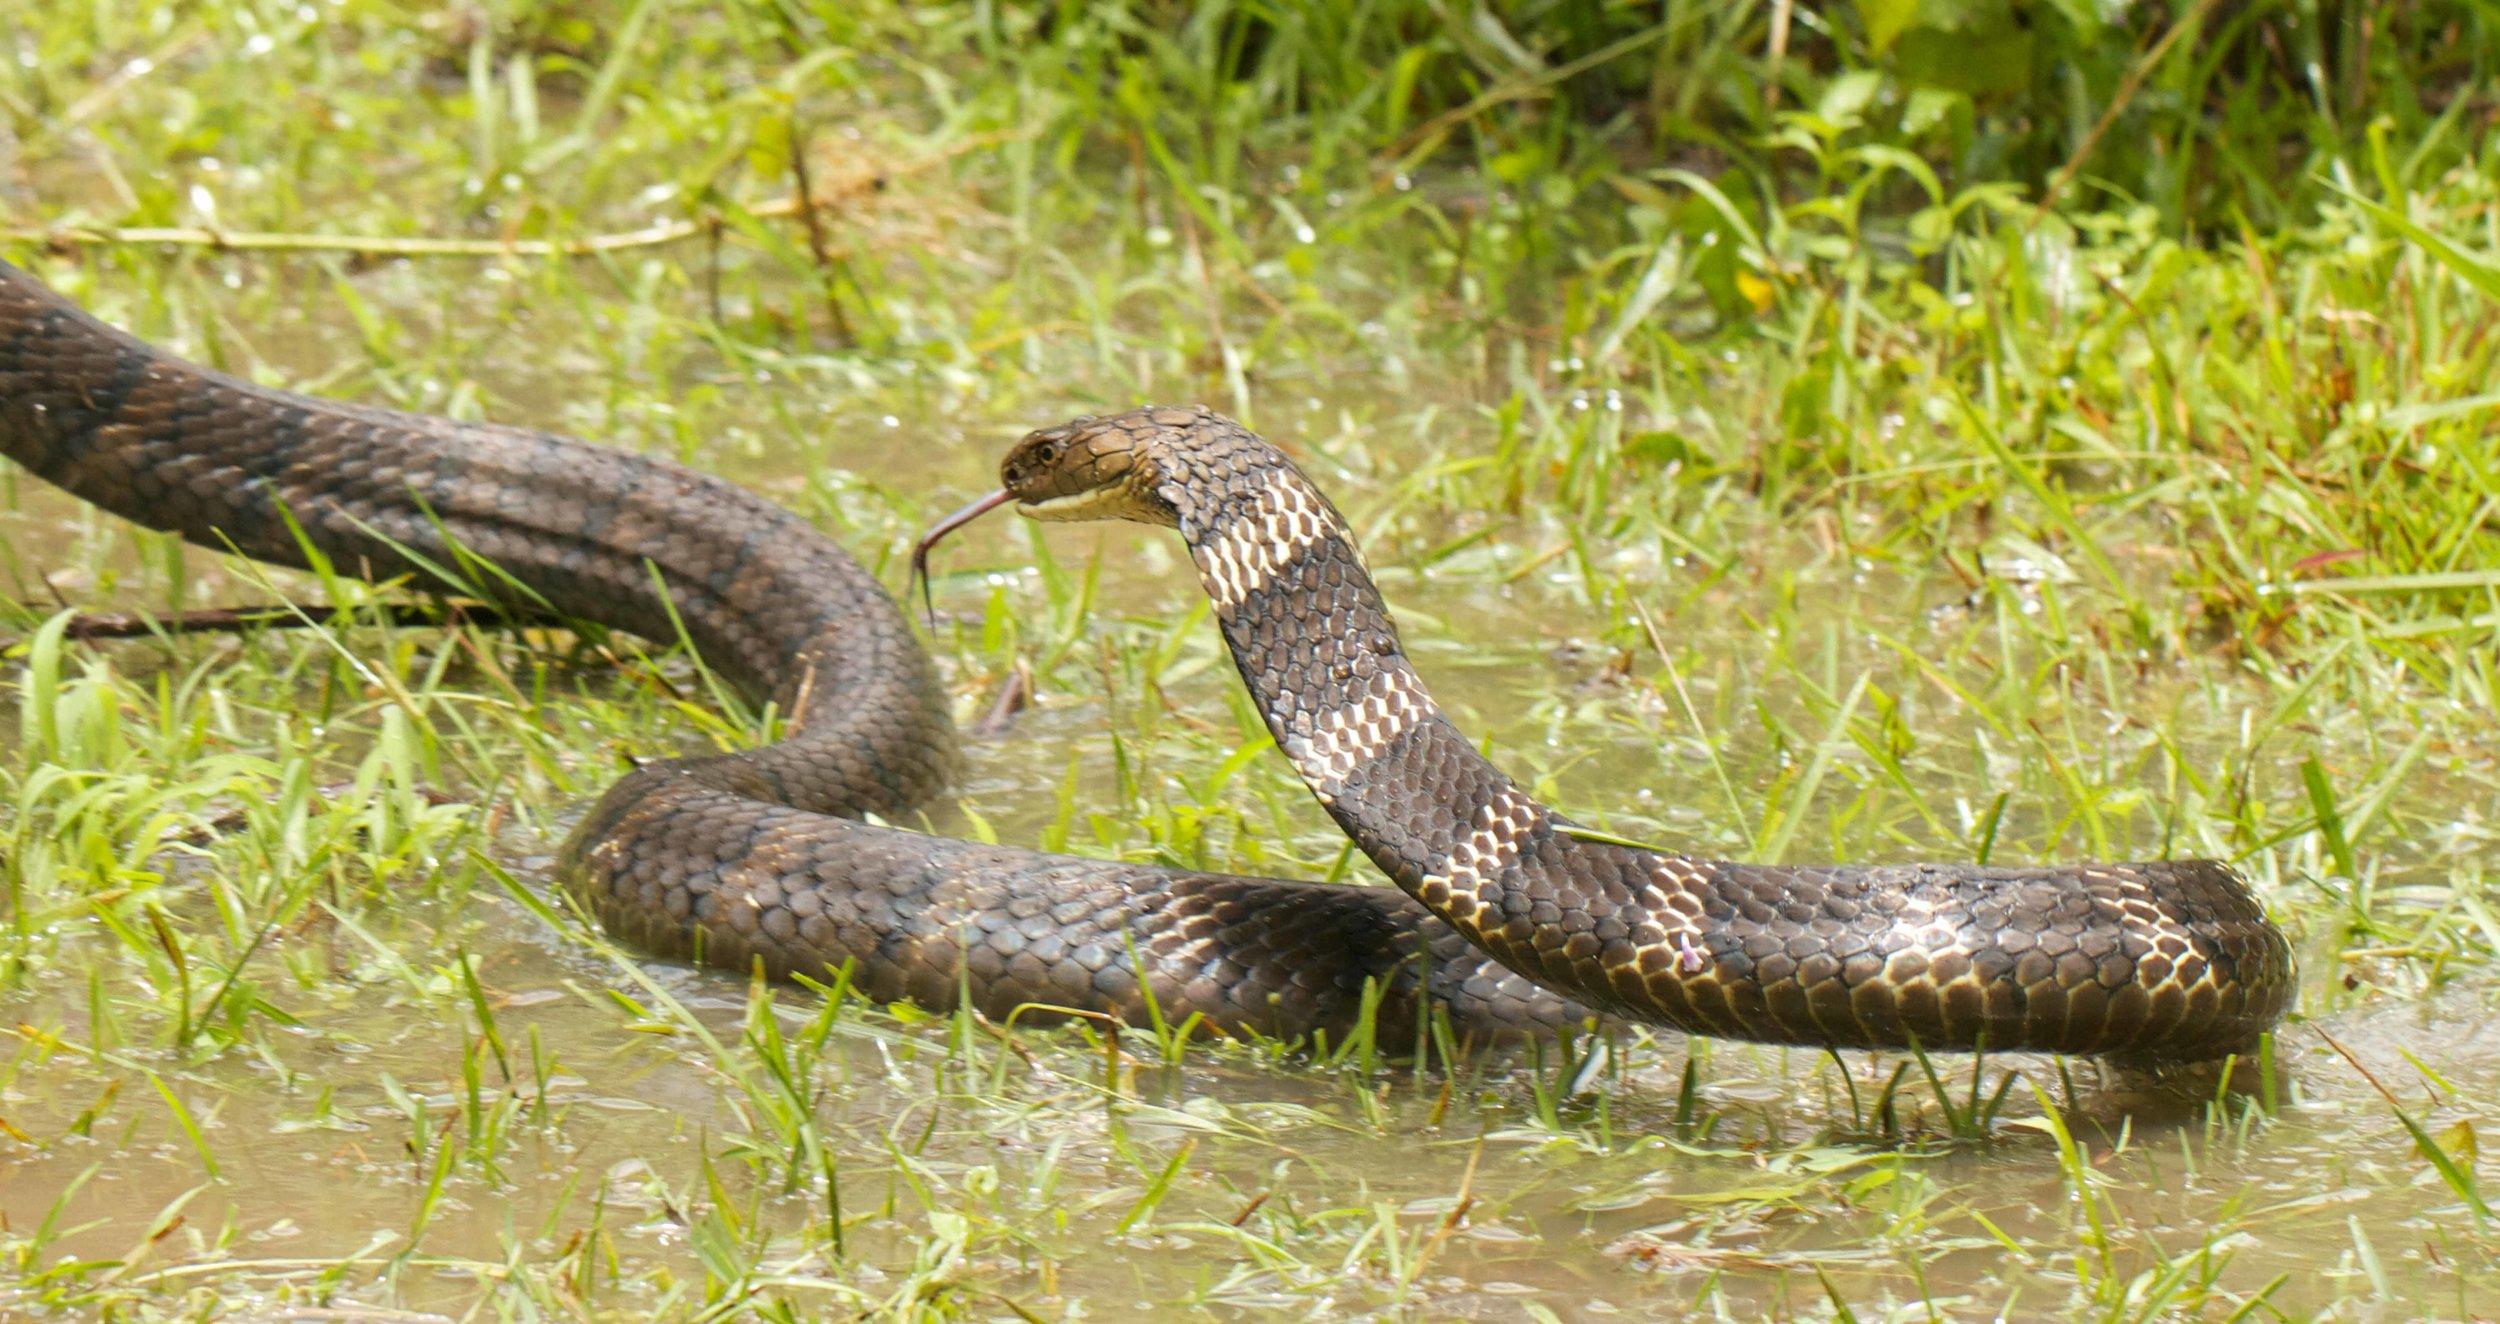 Mature King Cobra  ~3+ Meters Long